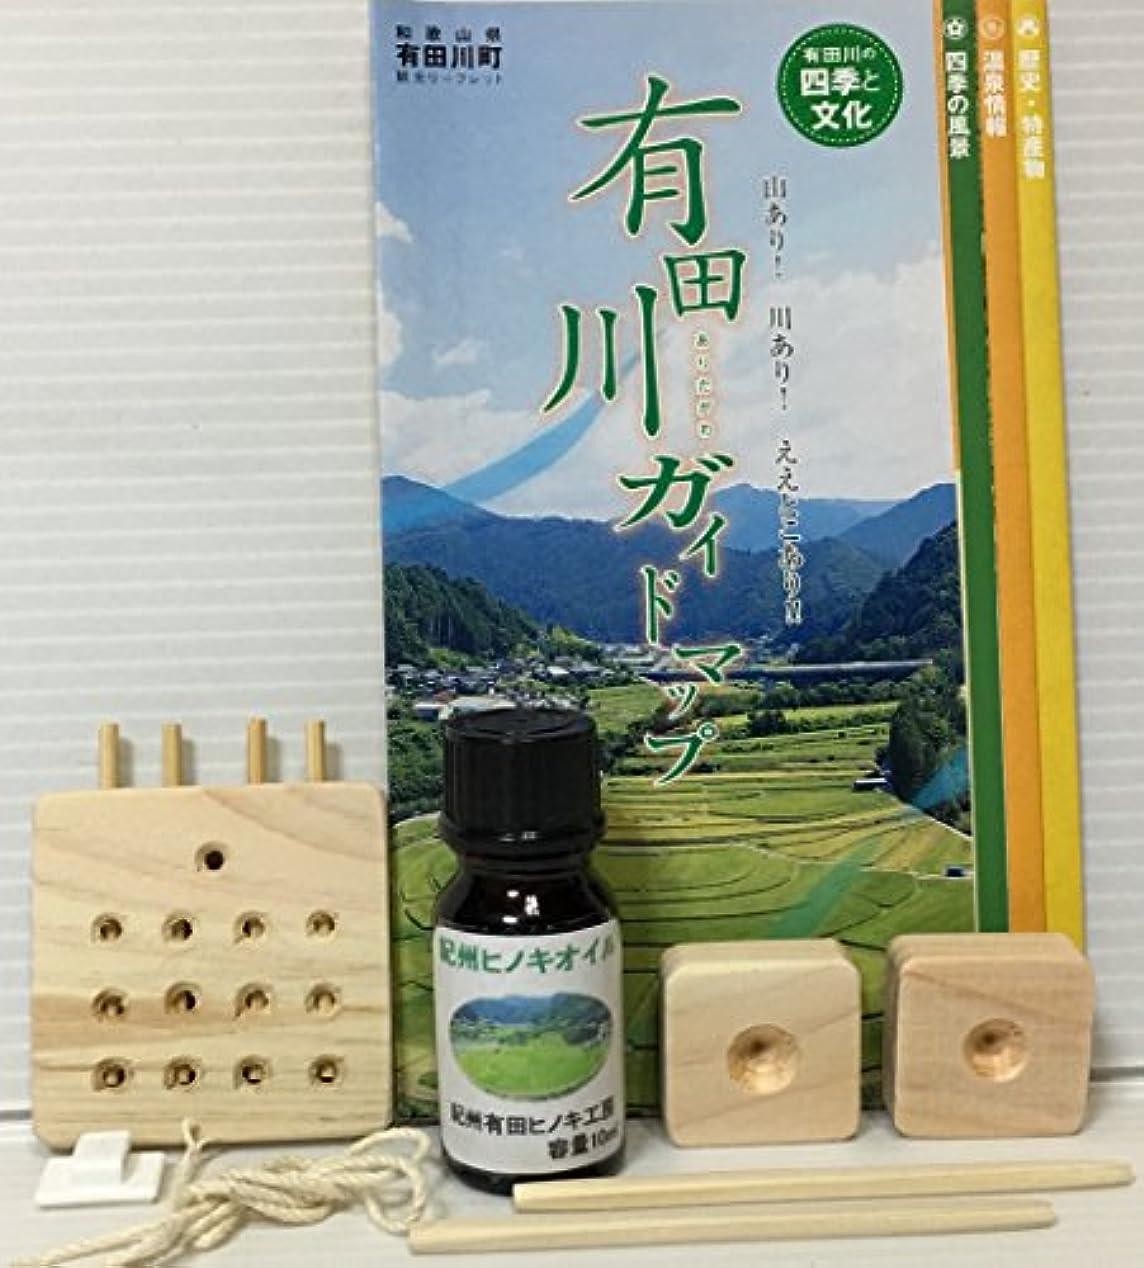 準備カード上に築きます紀州ヒノキオイル 10ml 香りグッツ付き 紀州有田ヒノキ工房